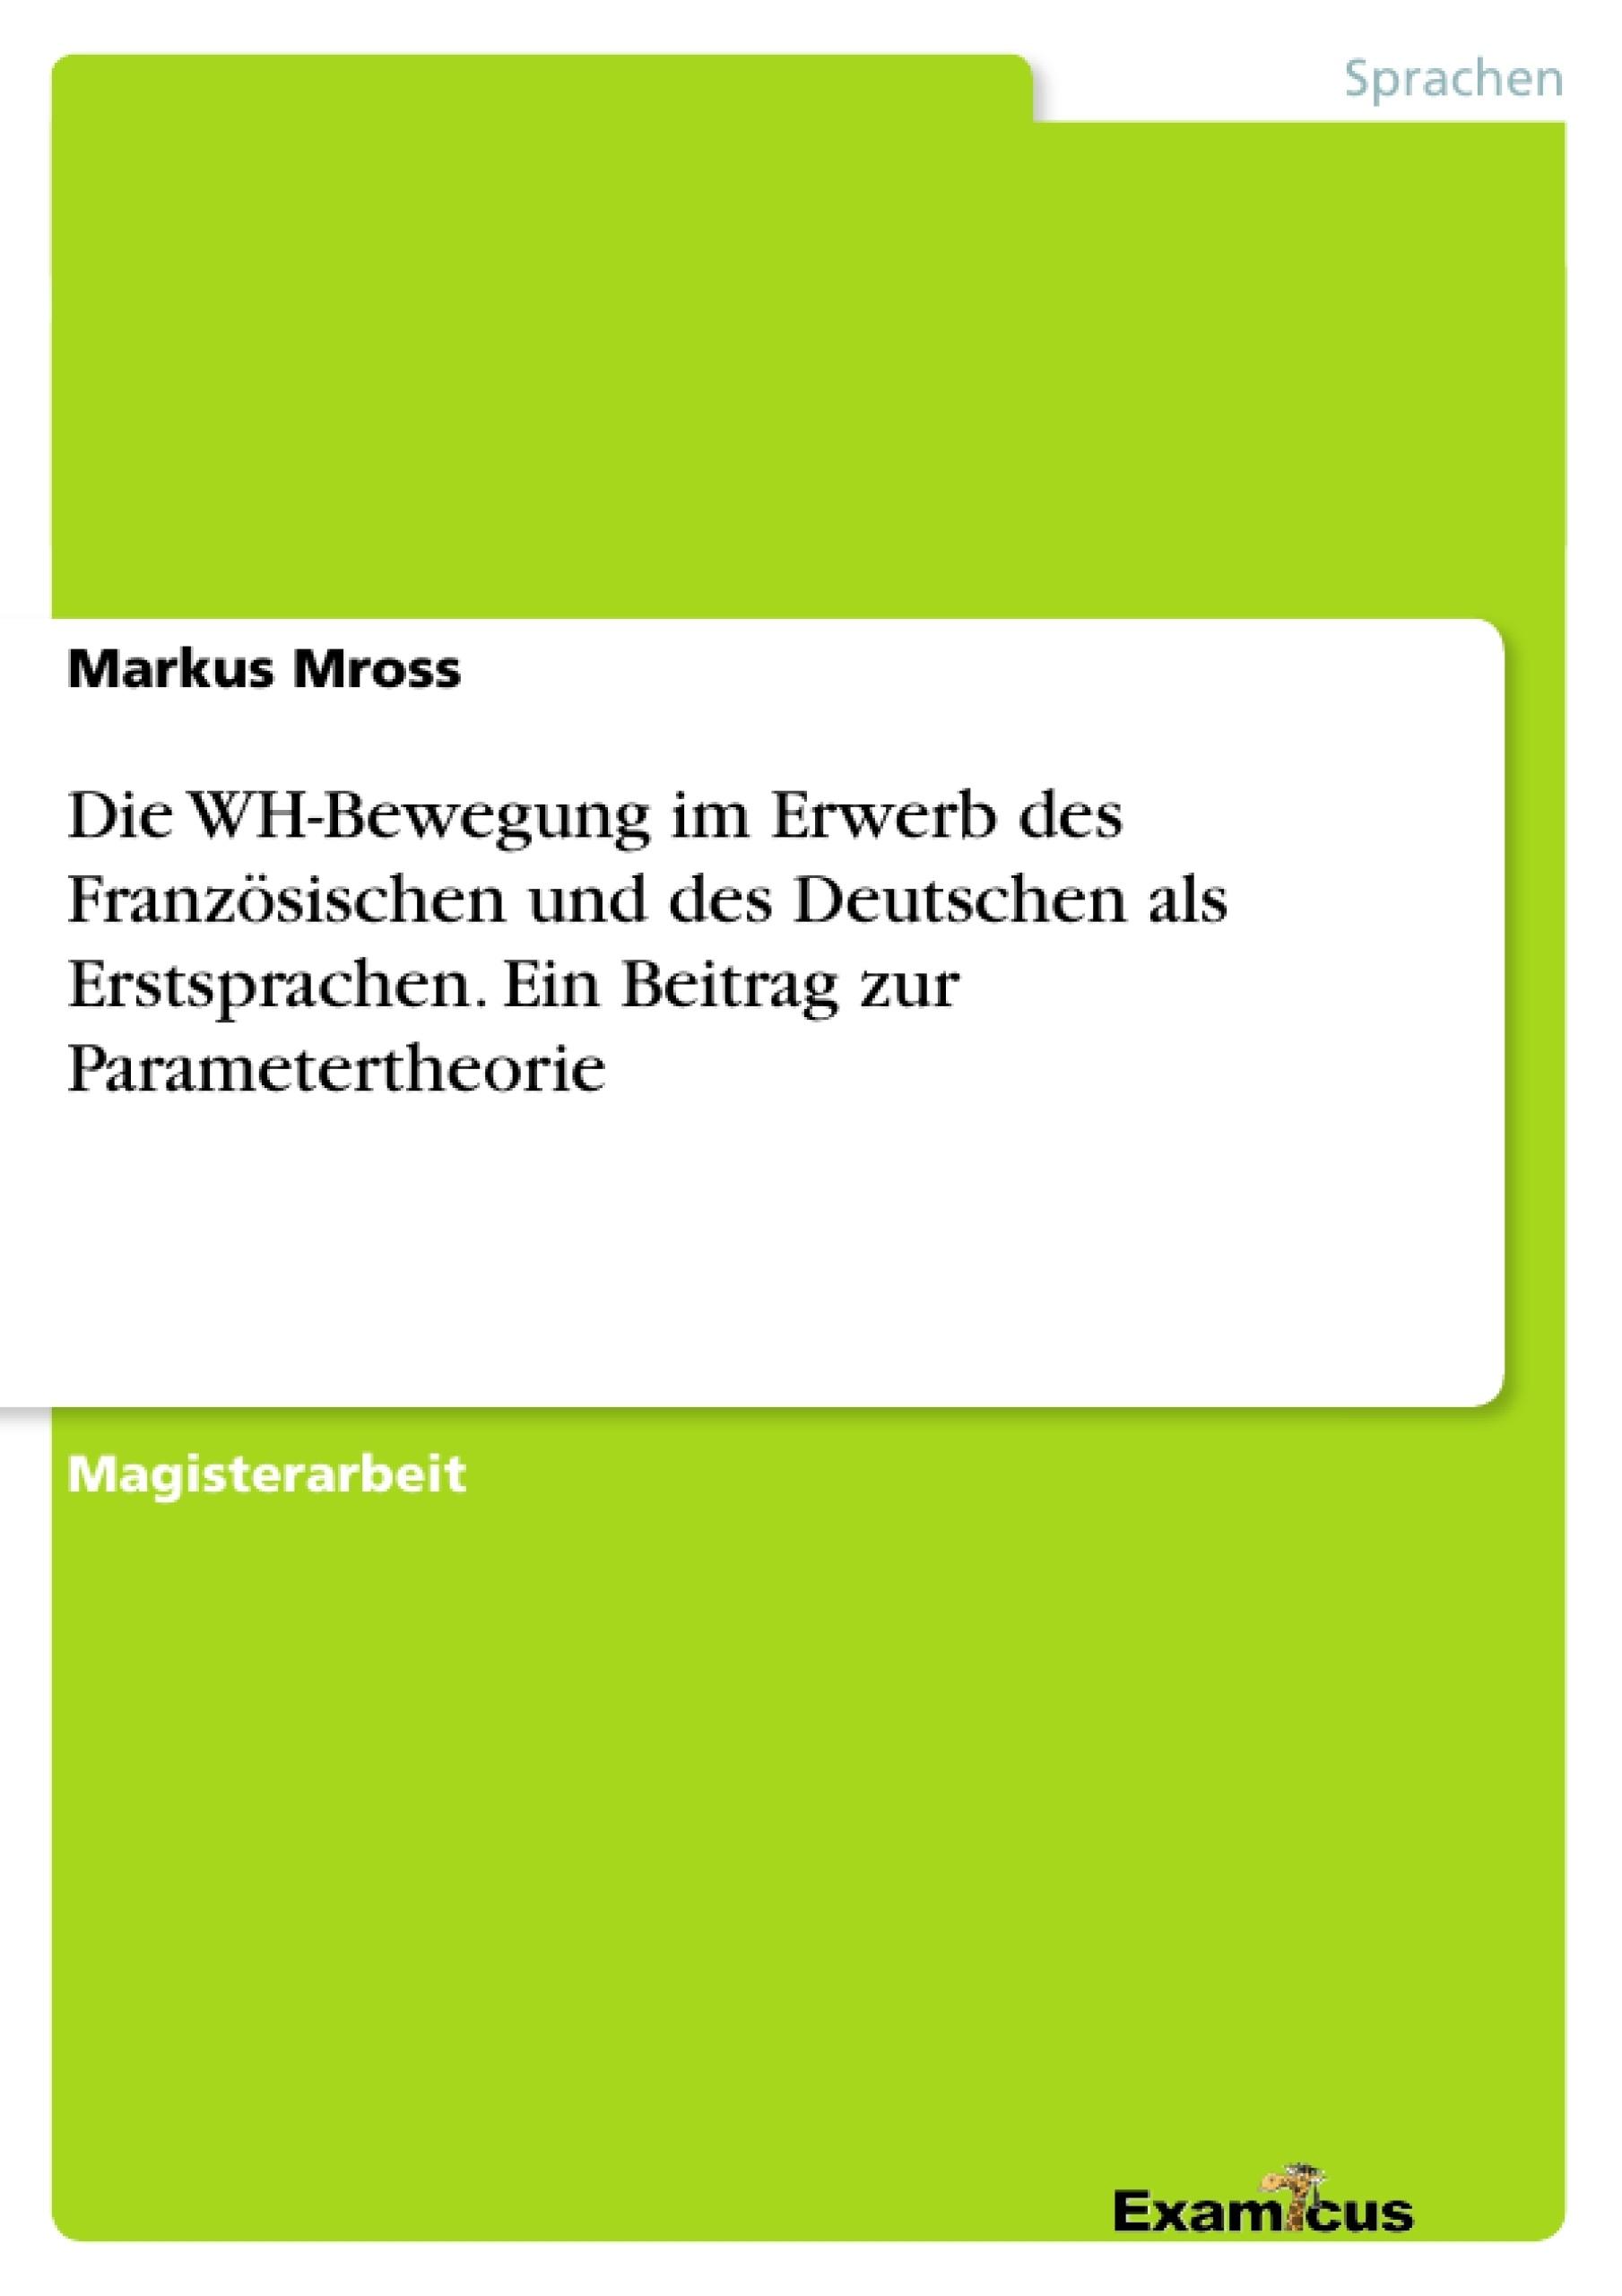 Titel: Die WH-Bewegung im Erwerb des Französischen und des Deutschen als Erstsprachen. Ein Beitrag zur Parametertheorie